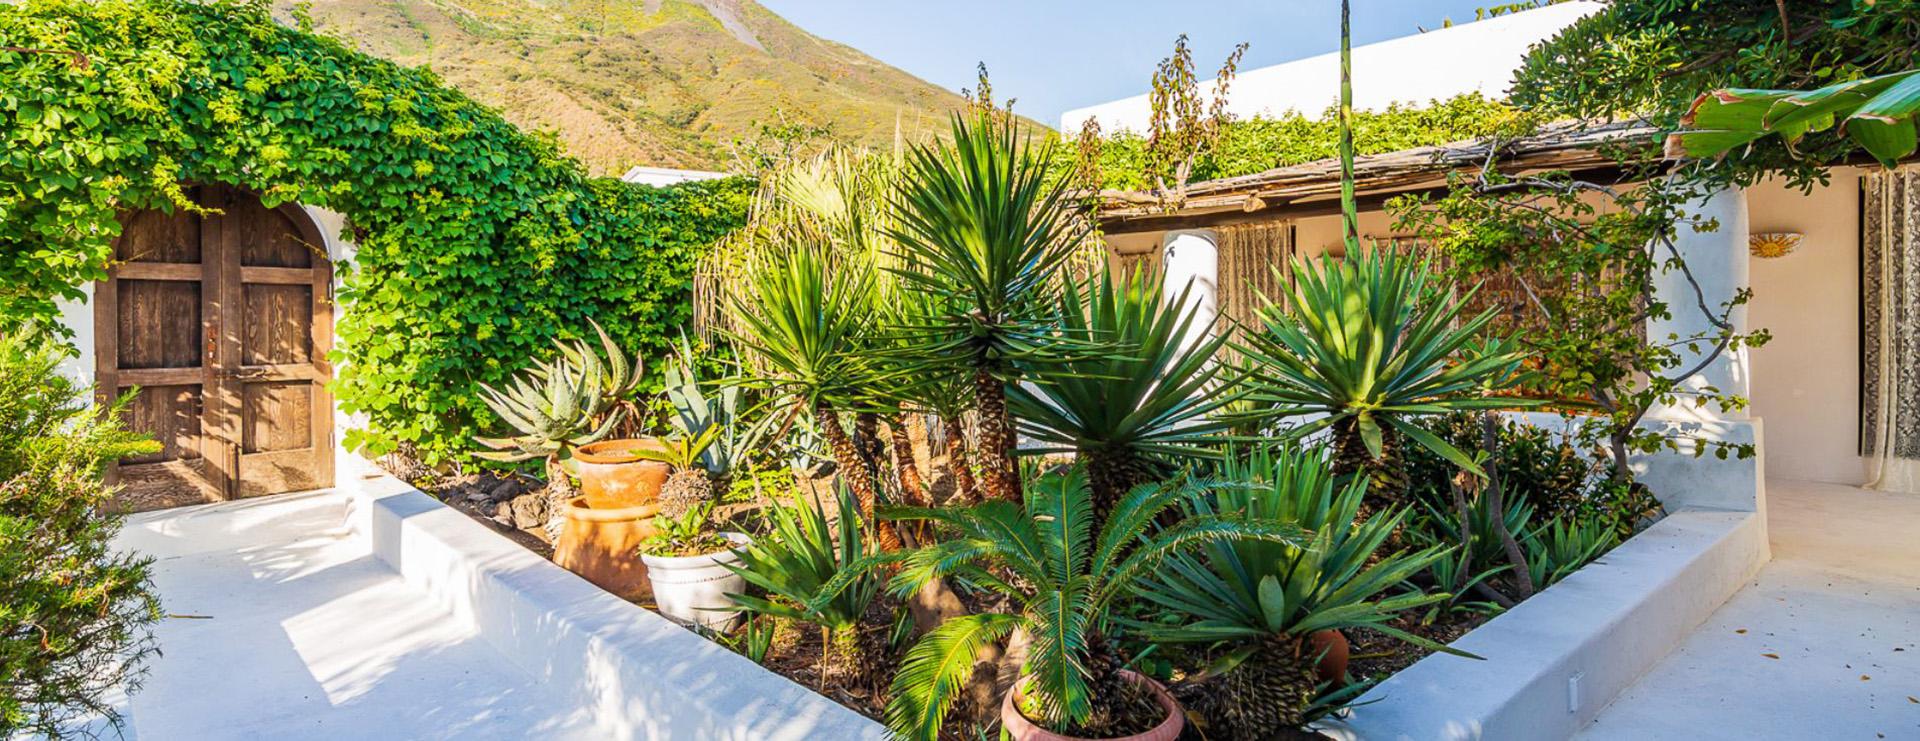 La isla también está cubierta de fauna mediterránea, con palmeras, olivos y cítricos fragantes que se extienden a lo largo de las laderas del encantador volcán